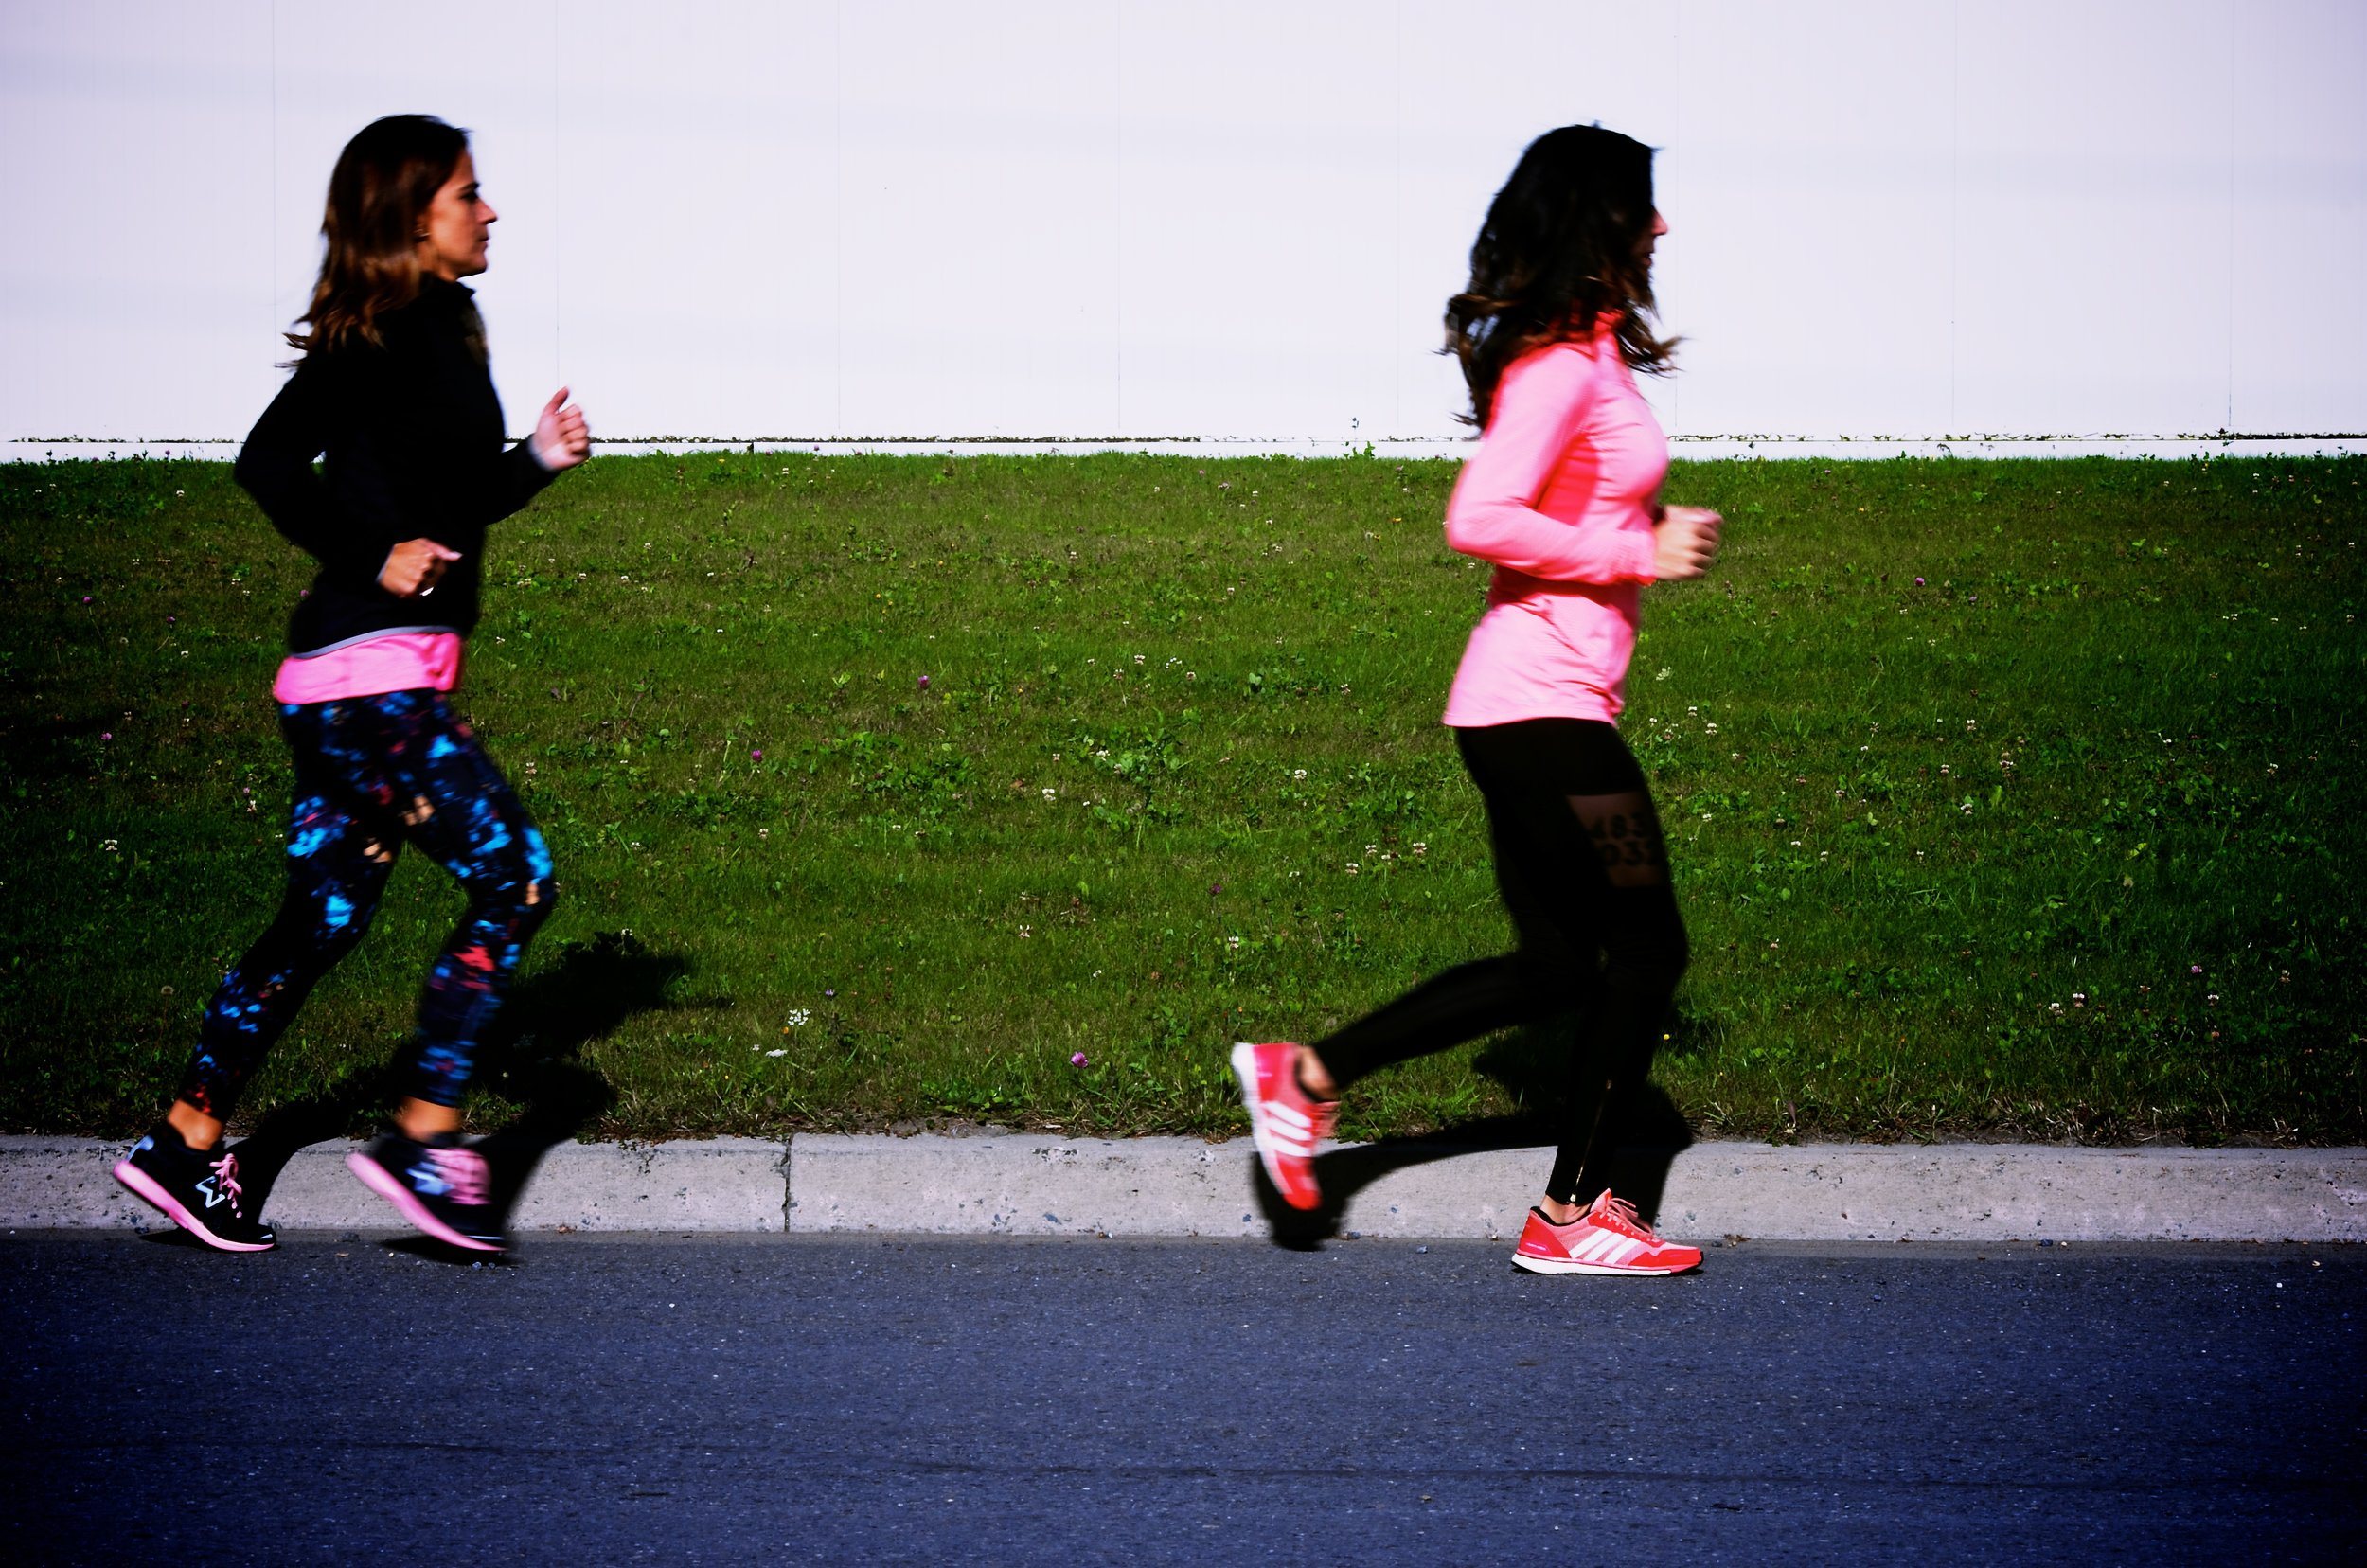 salut coureuse-lettre à une nouvelle coureuse-conseils de coureuse-Maman-santé-forme physique-santé-prise en main-Les filles en runnings-Je suis une maman